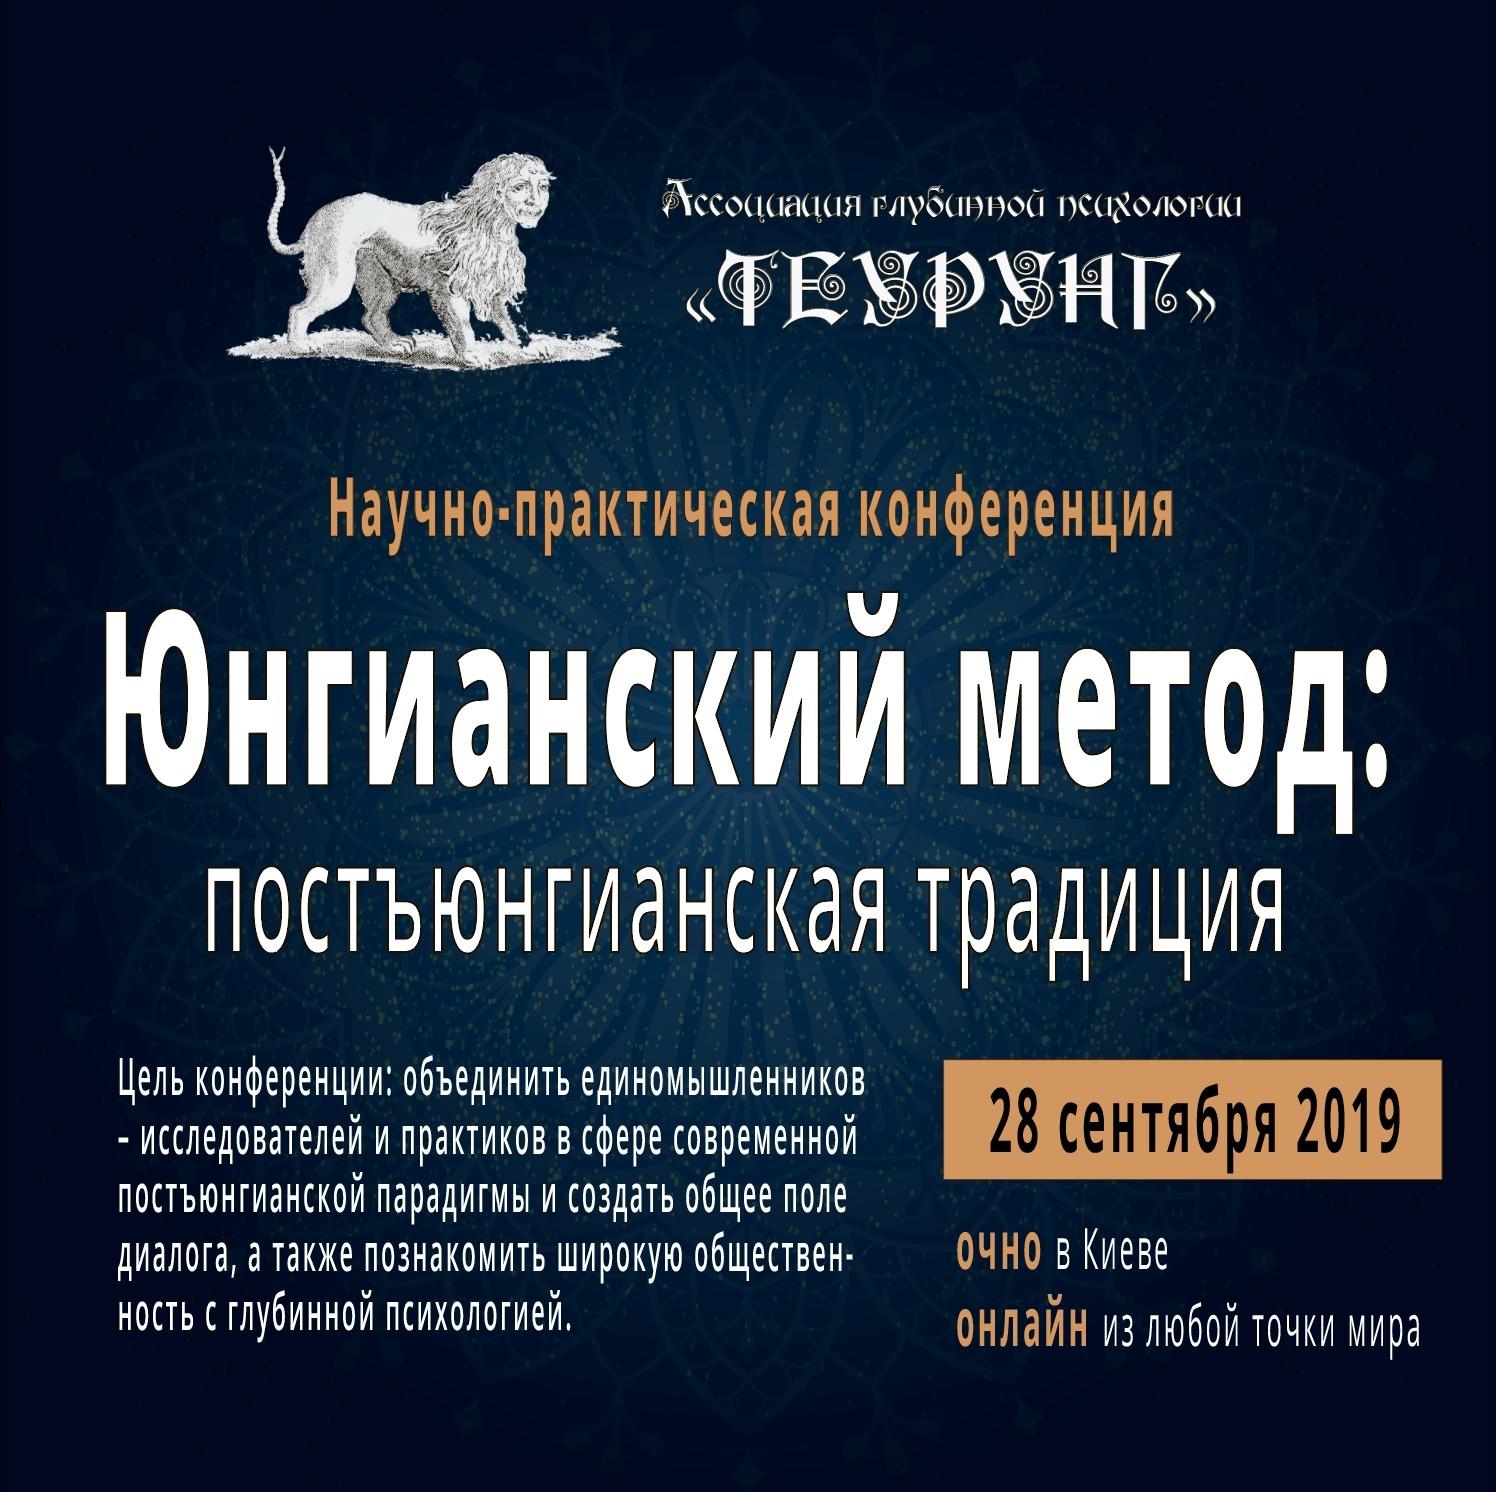 Научно-практическая конференция«Юнгианский метод: постъюнгианская традиция»